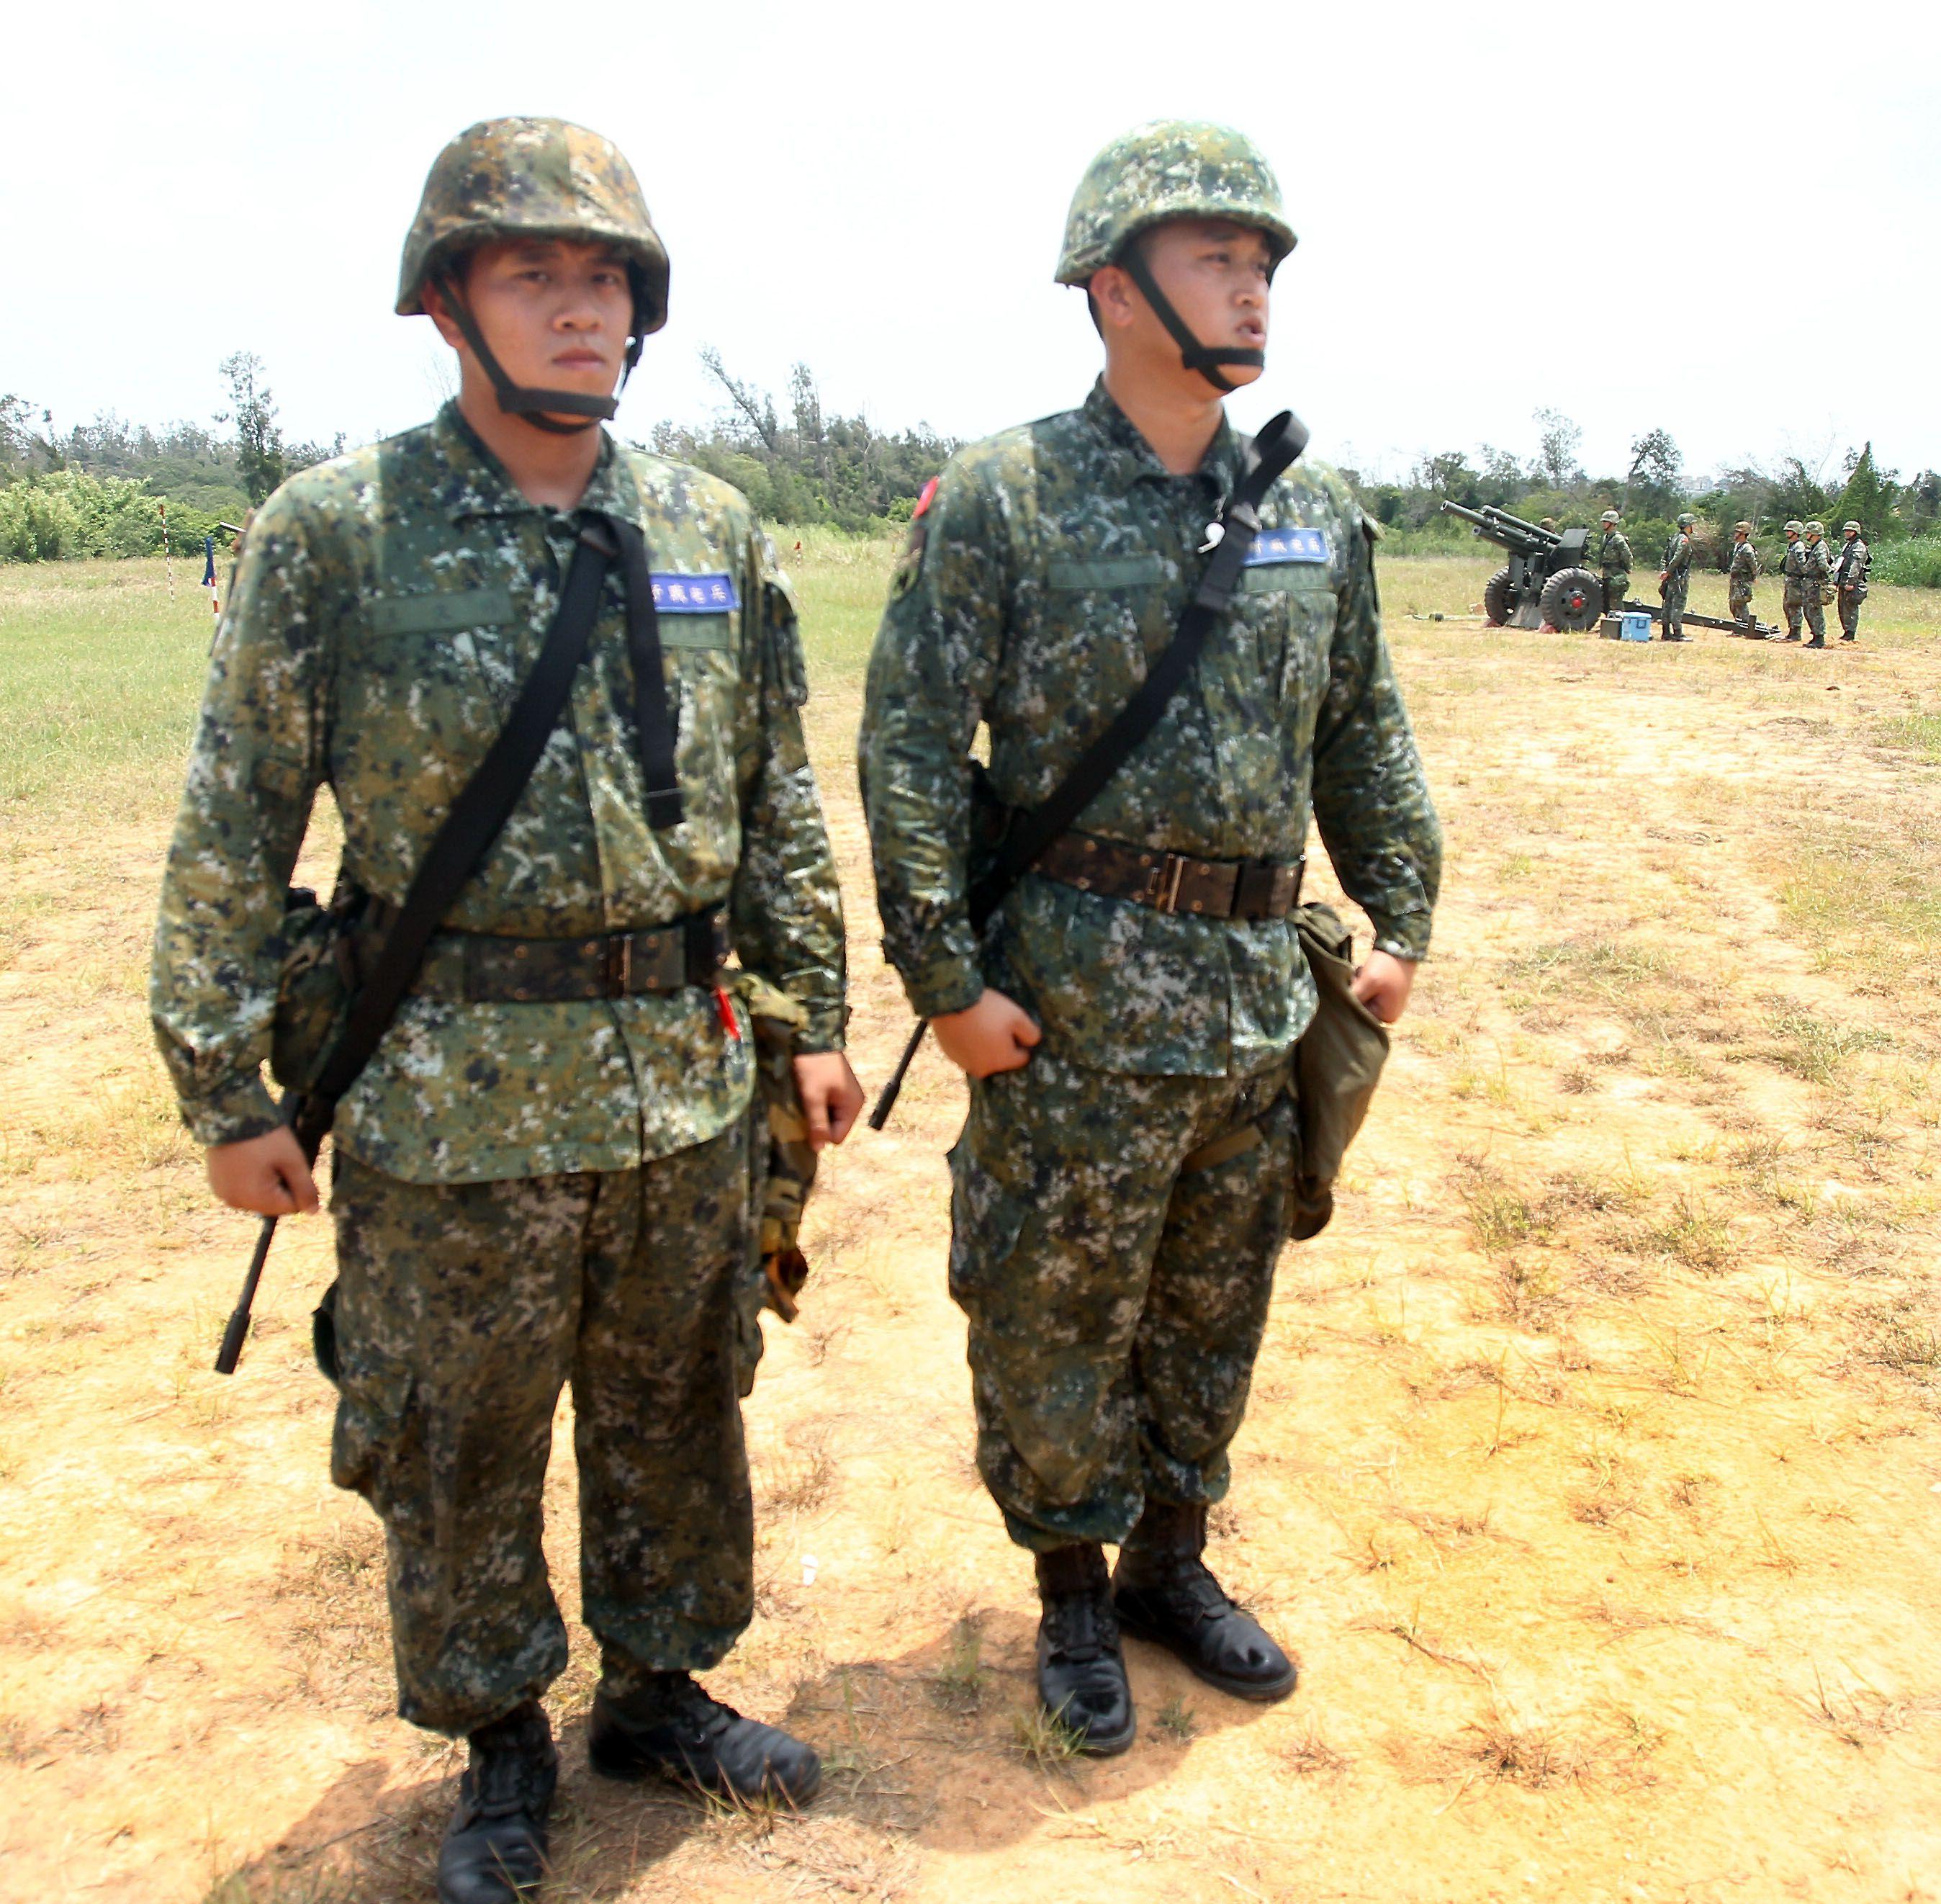 砲三連還有兩位金門本地志願入伍的親兄弟檔王文彥和王文修,在同一砲班服役。(記者邱榮吉/金門拍攝)